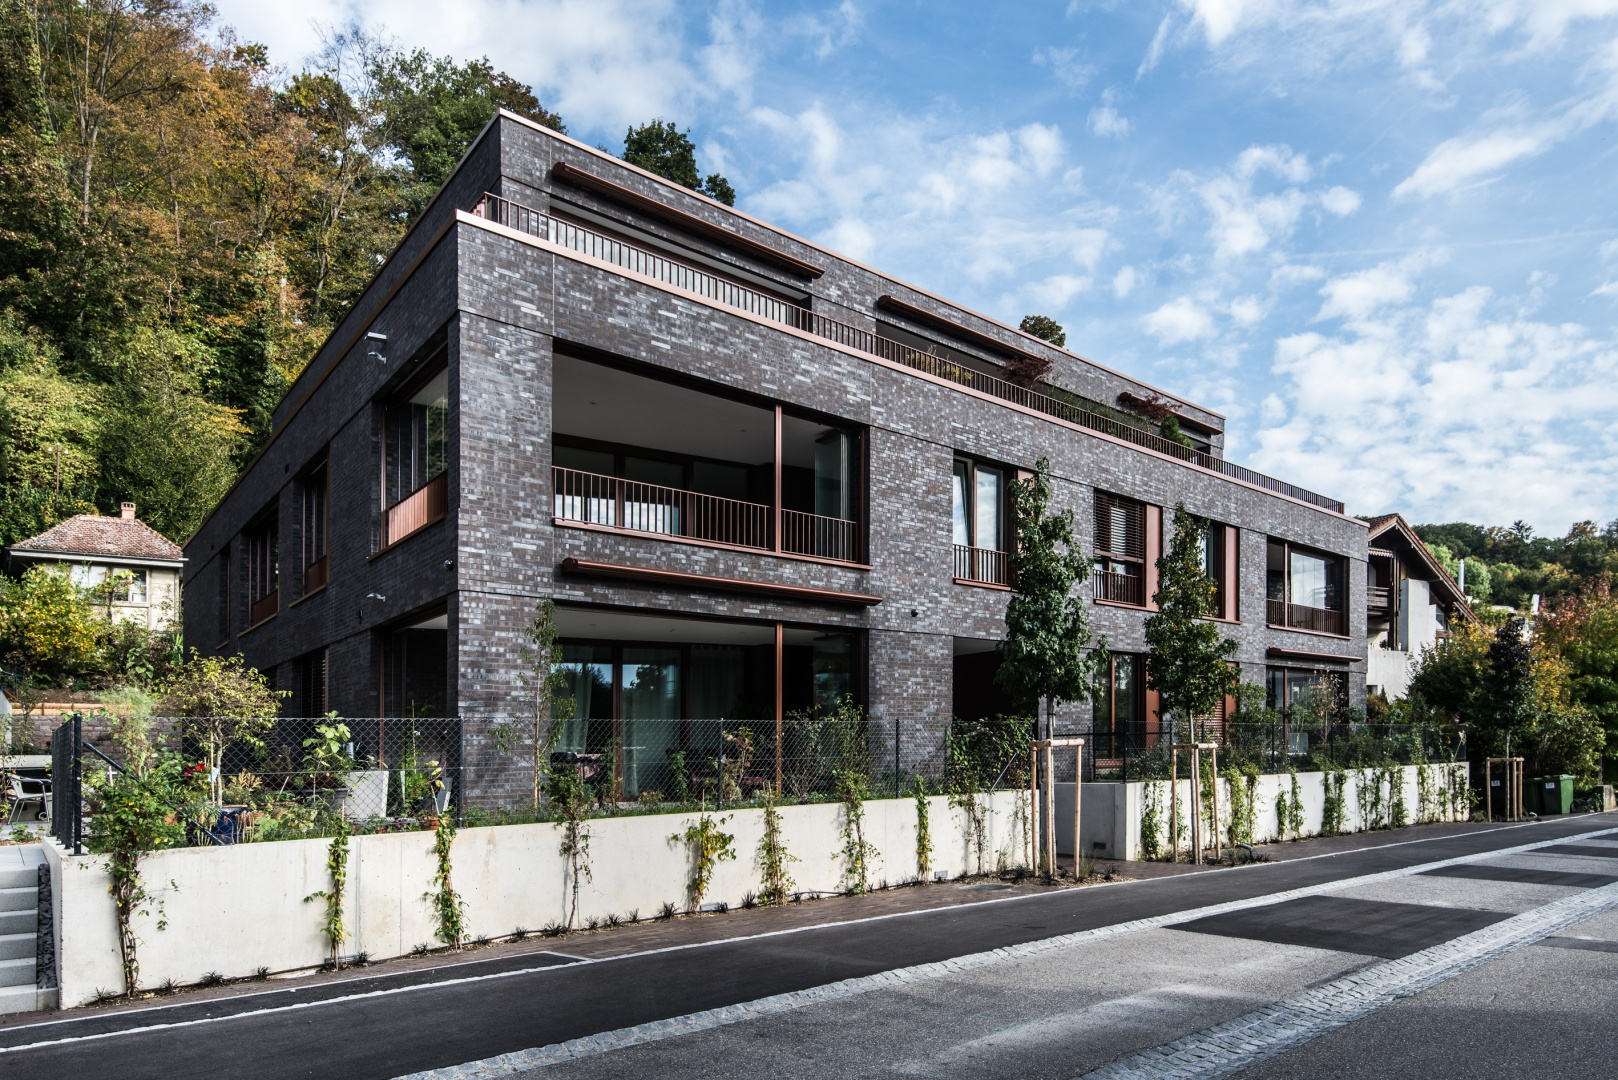 Neubau mehrfamilienhaus am waldrand schweizer for Mehrfamilienhaus neubau